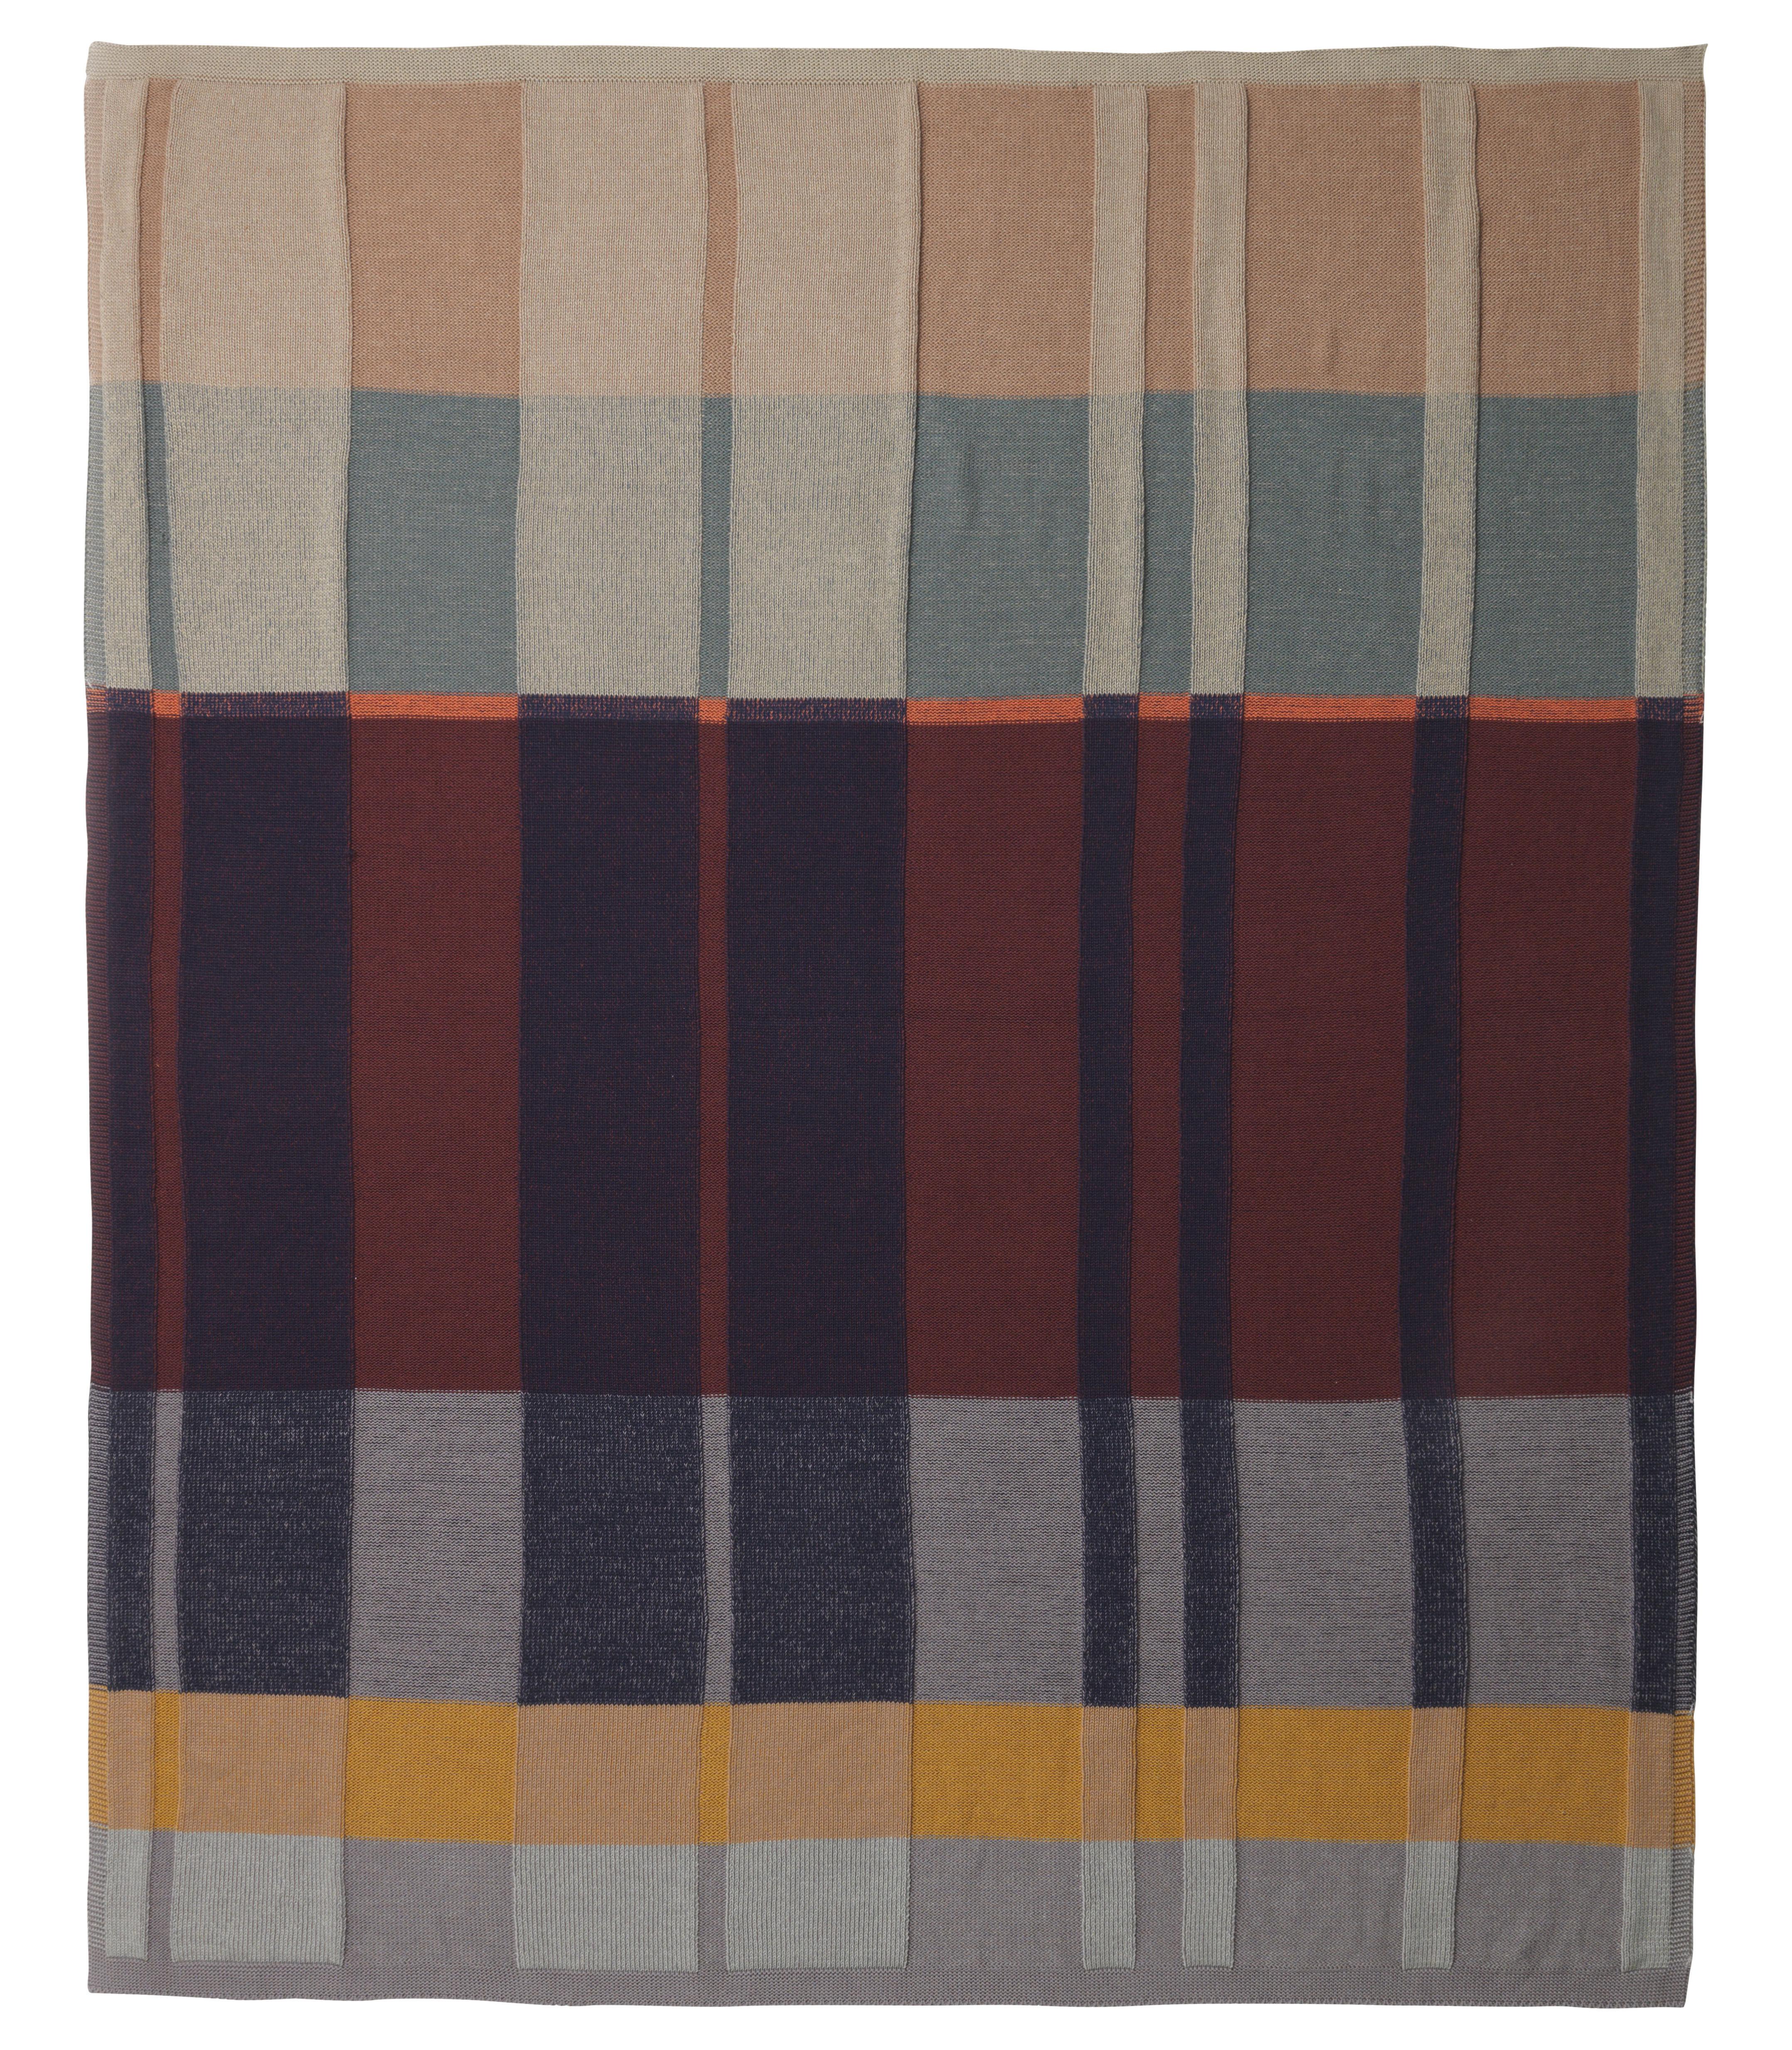 Déco - Textile - Plaid Medley Knit / 160 x 120 cm - Coton - Ferm Living - Multicolore - Coton